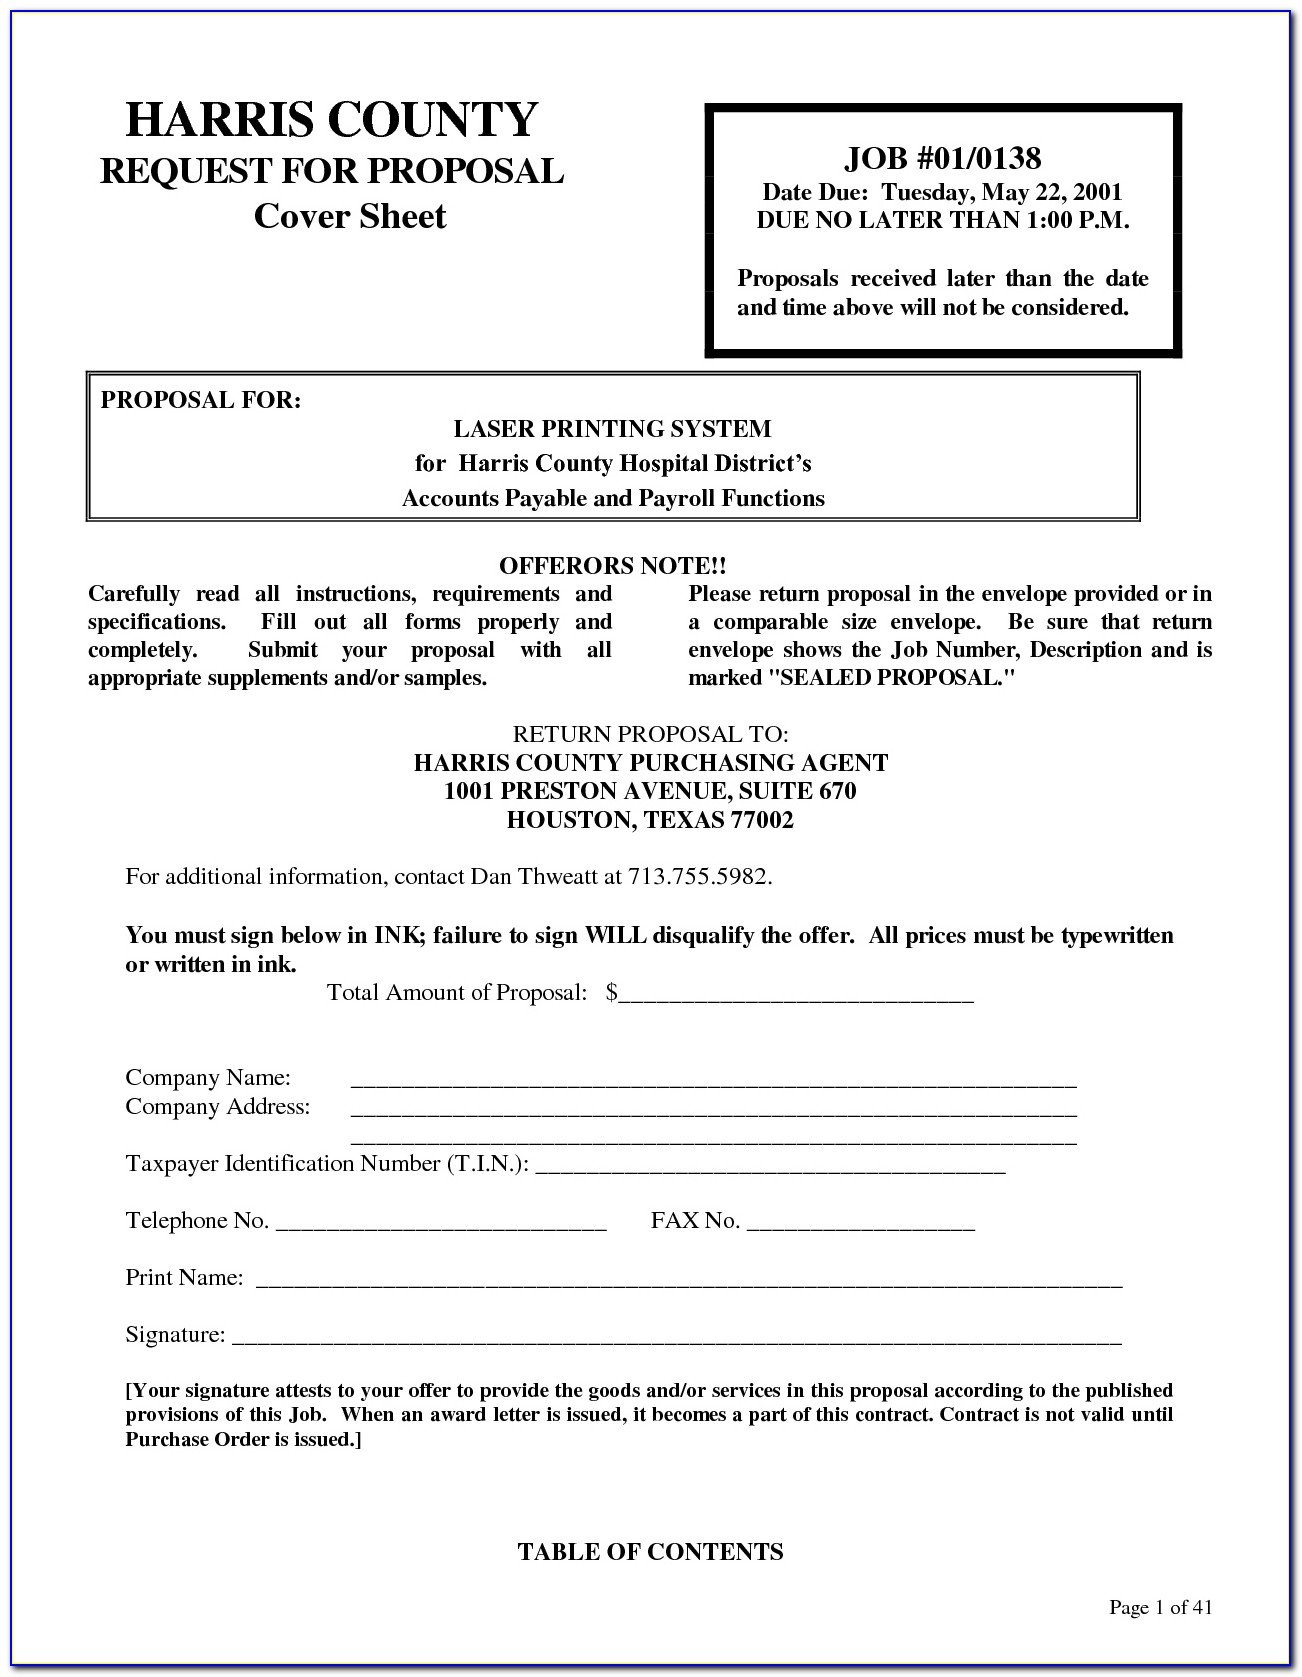 1099 Employee Contract